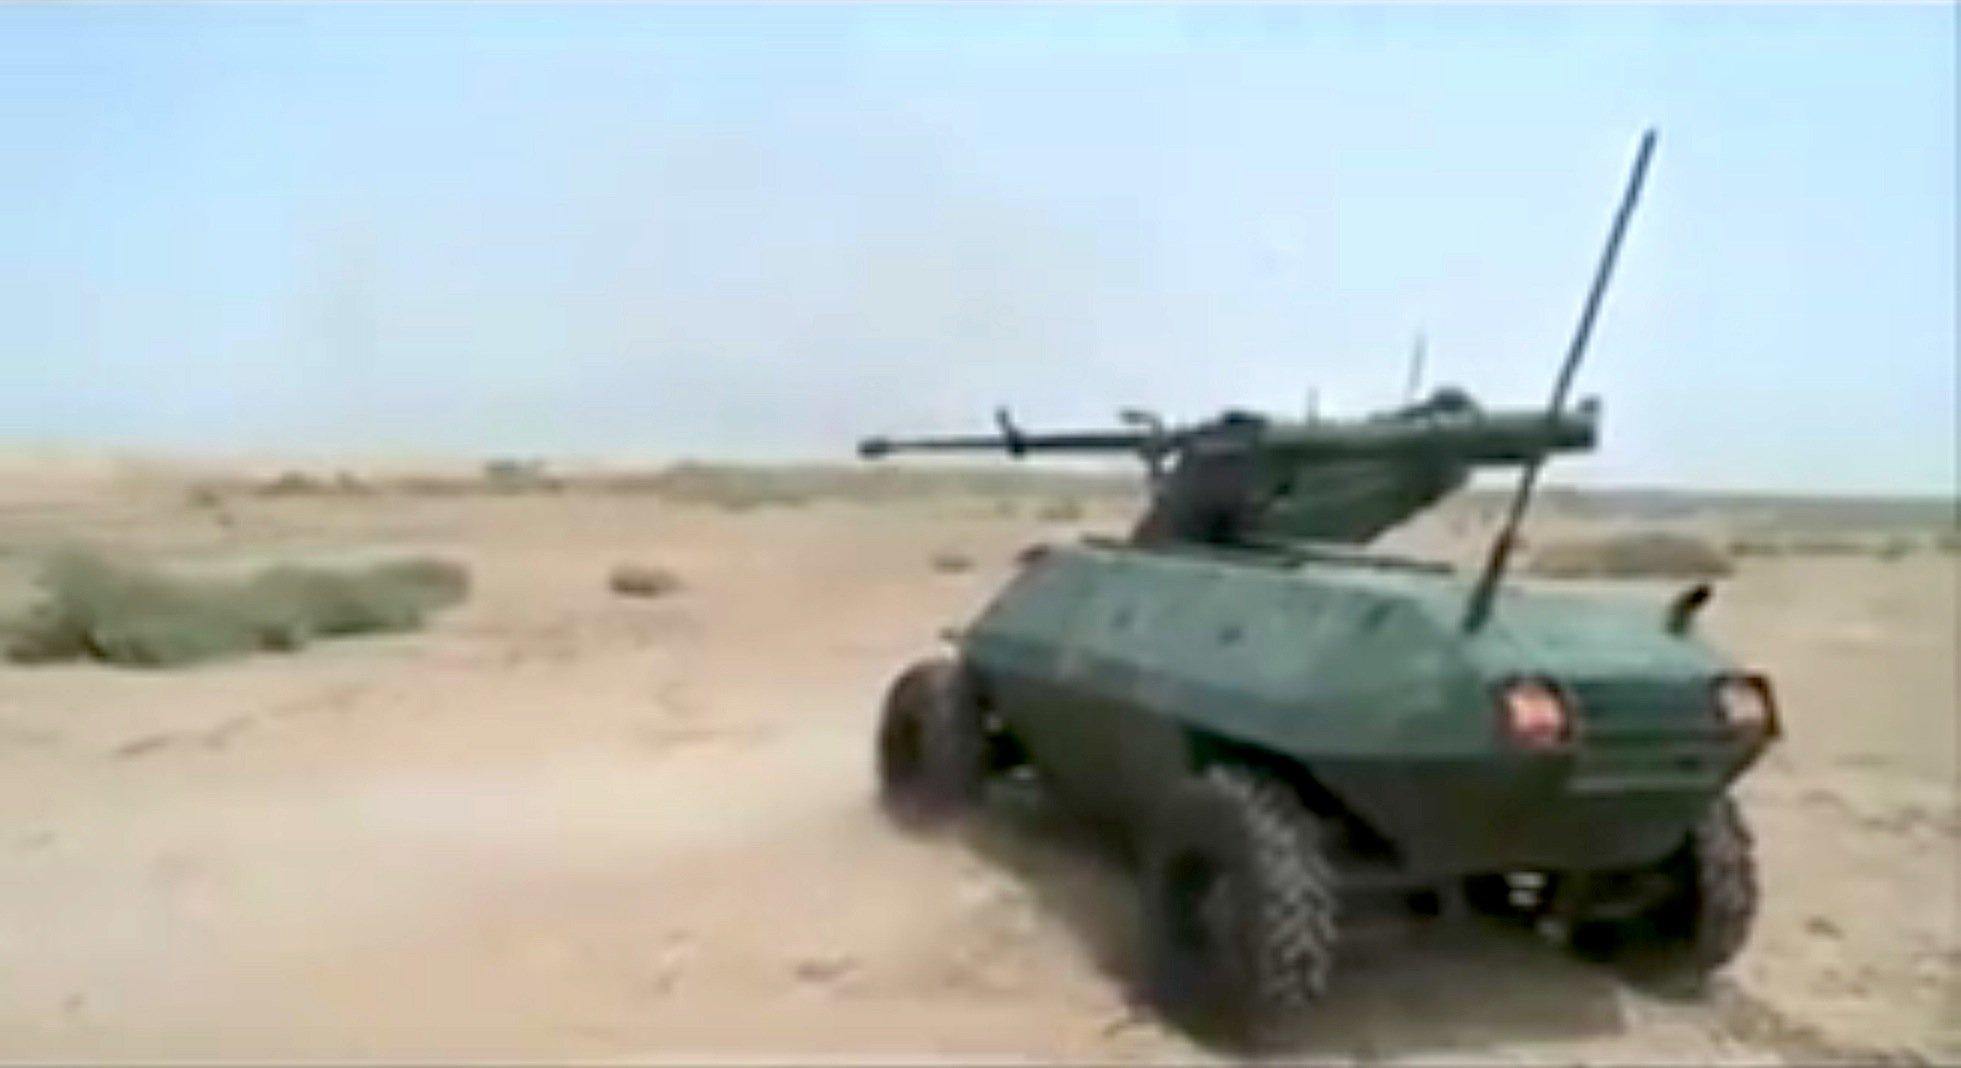 Auch die irakische Armee soll einen Kampfroboter entwickelt haben. Er ähnelt einem Panzer und ist mit Maschinengewehren bewaffnet.